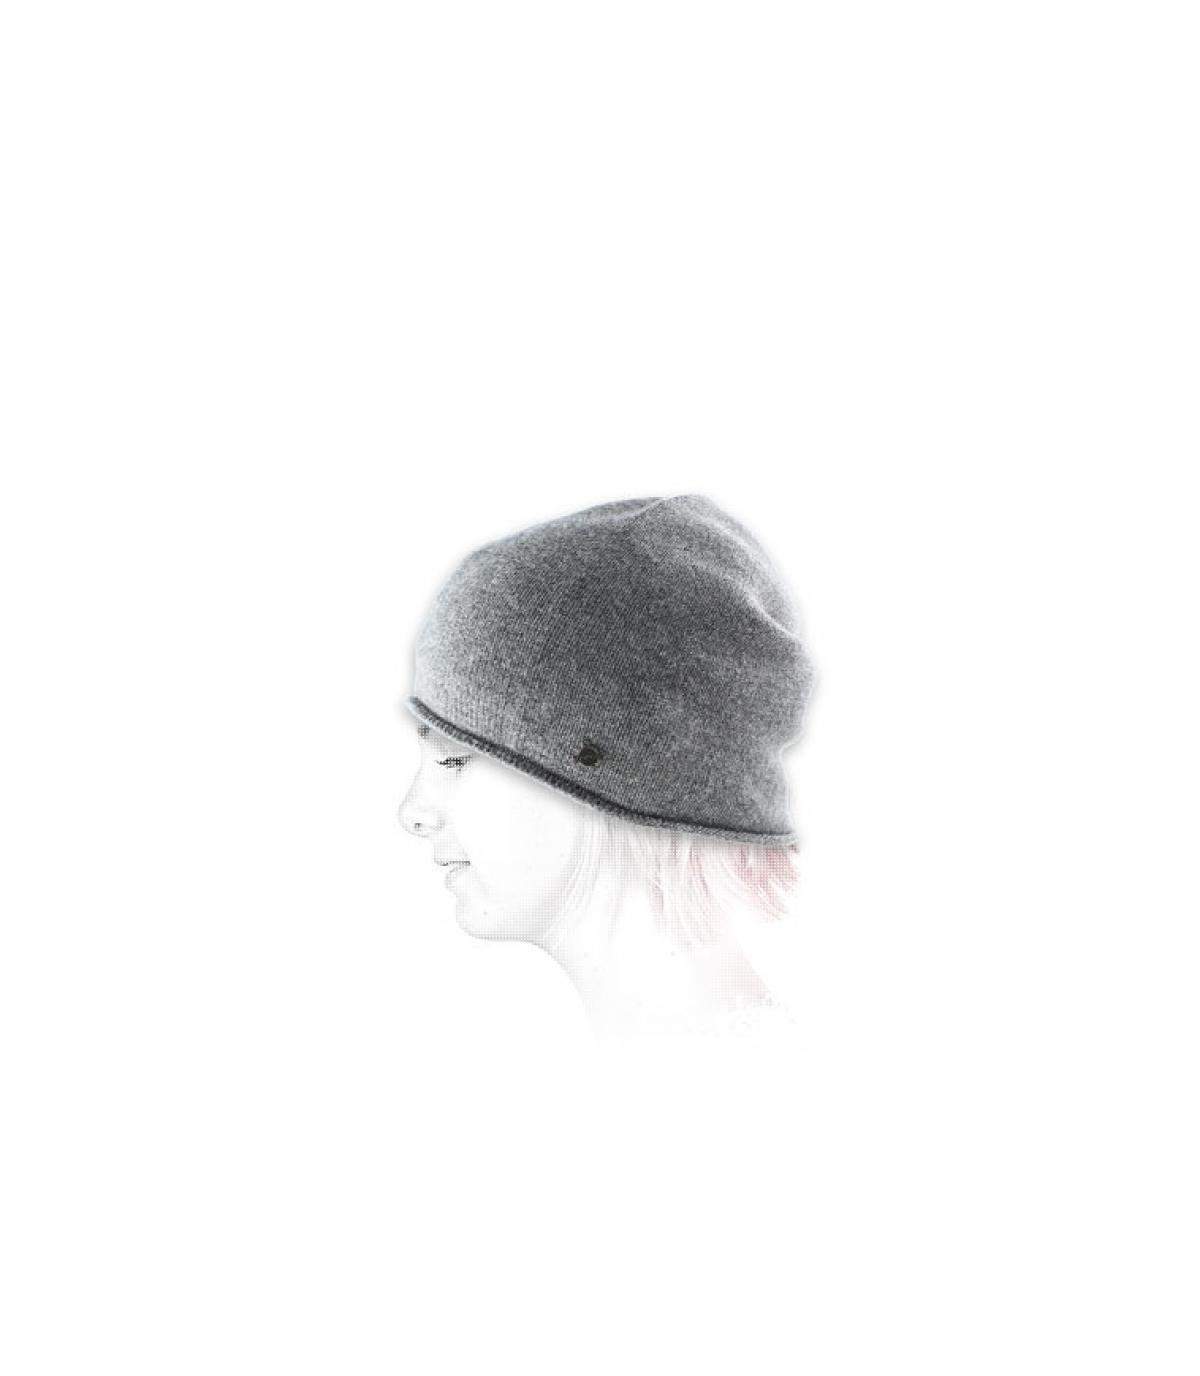 Mütze Kaschmir grau